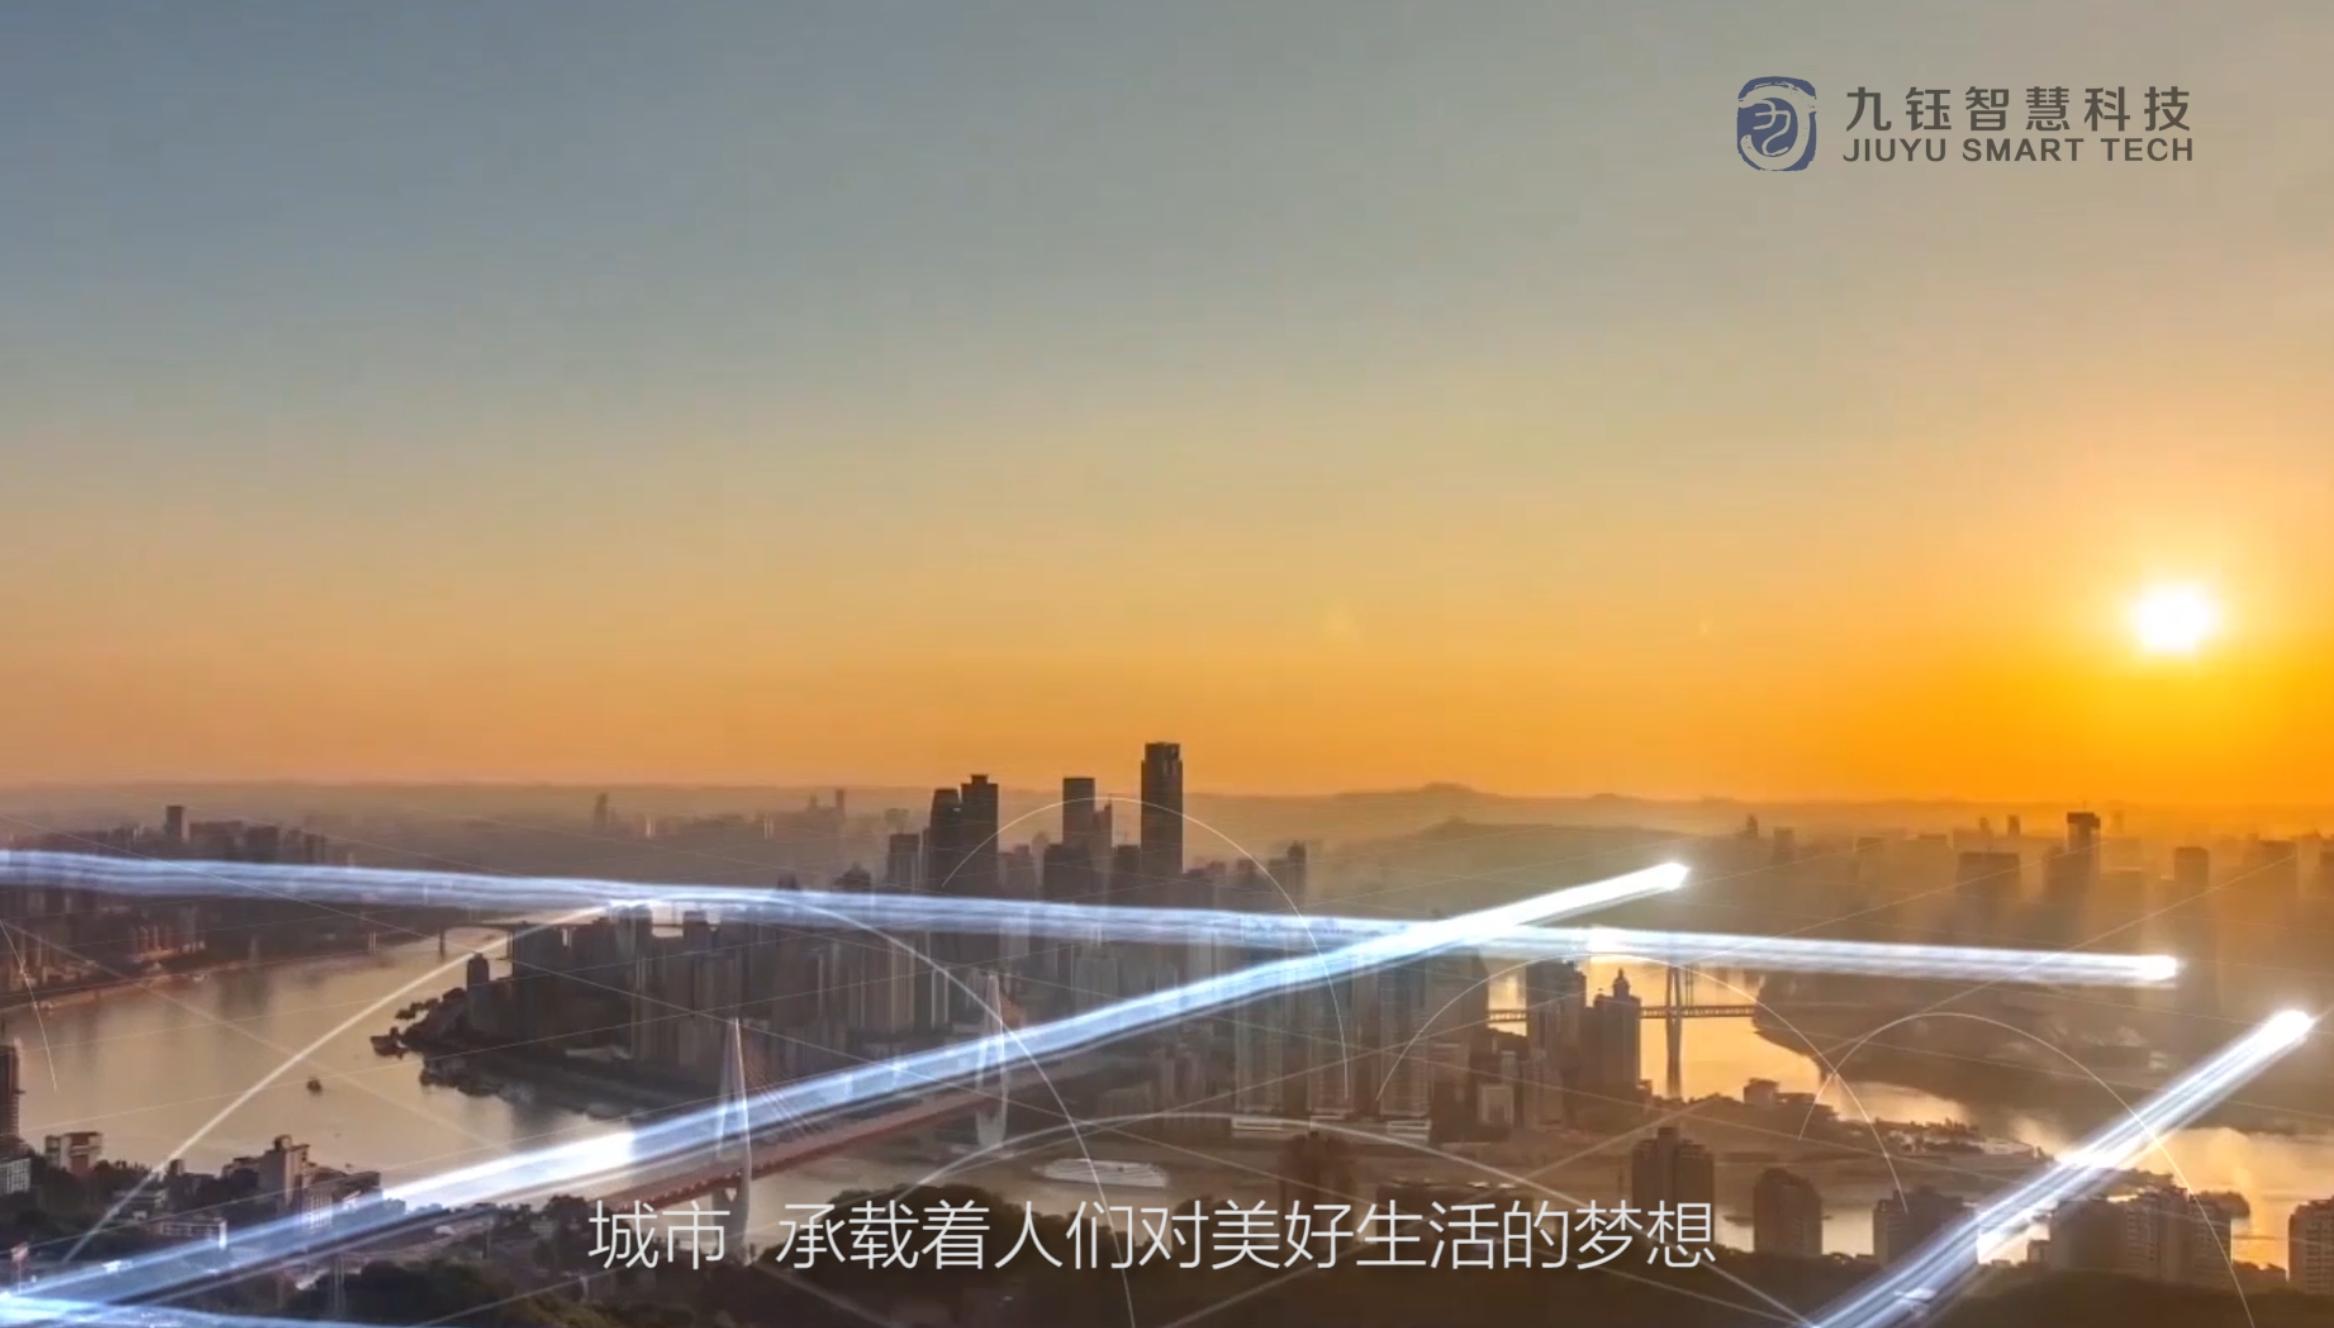 九钰智慧科技宣传片